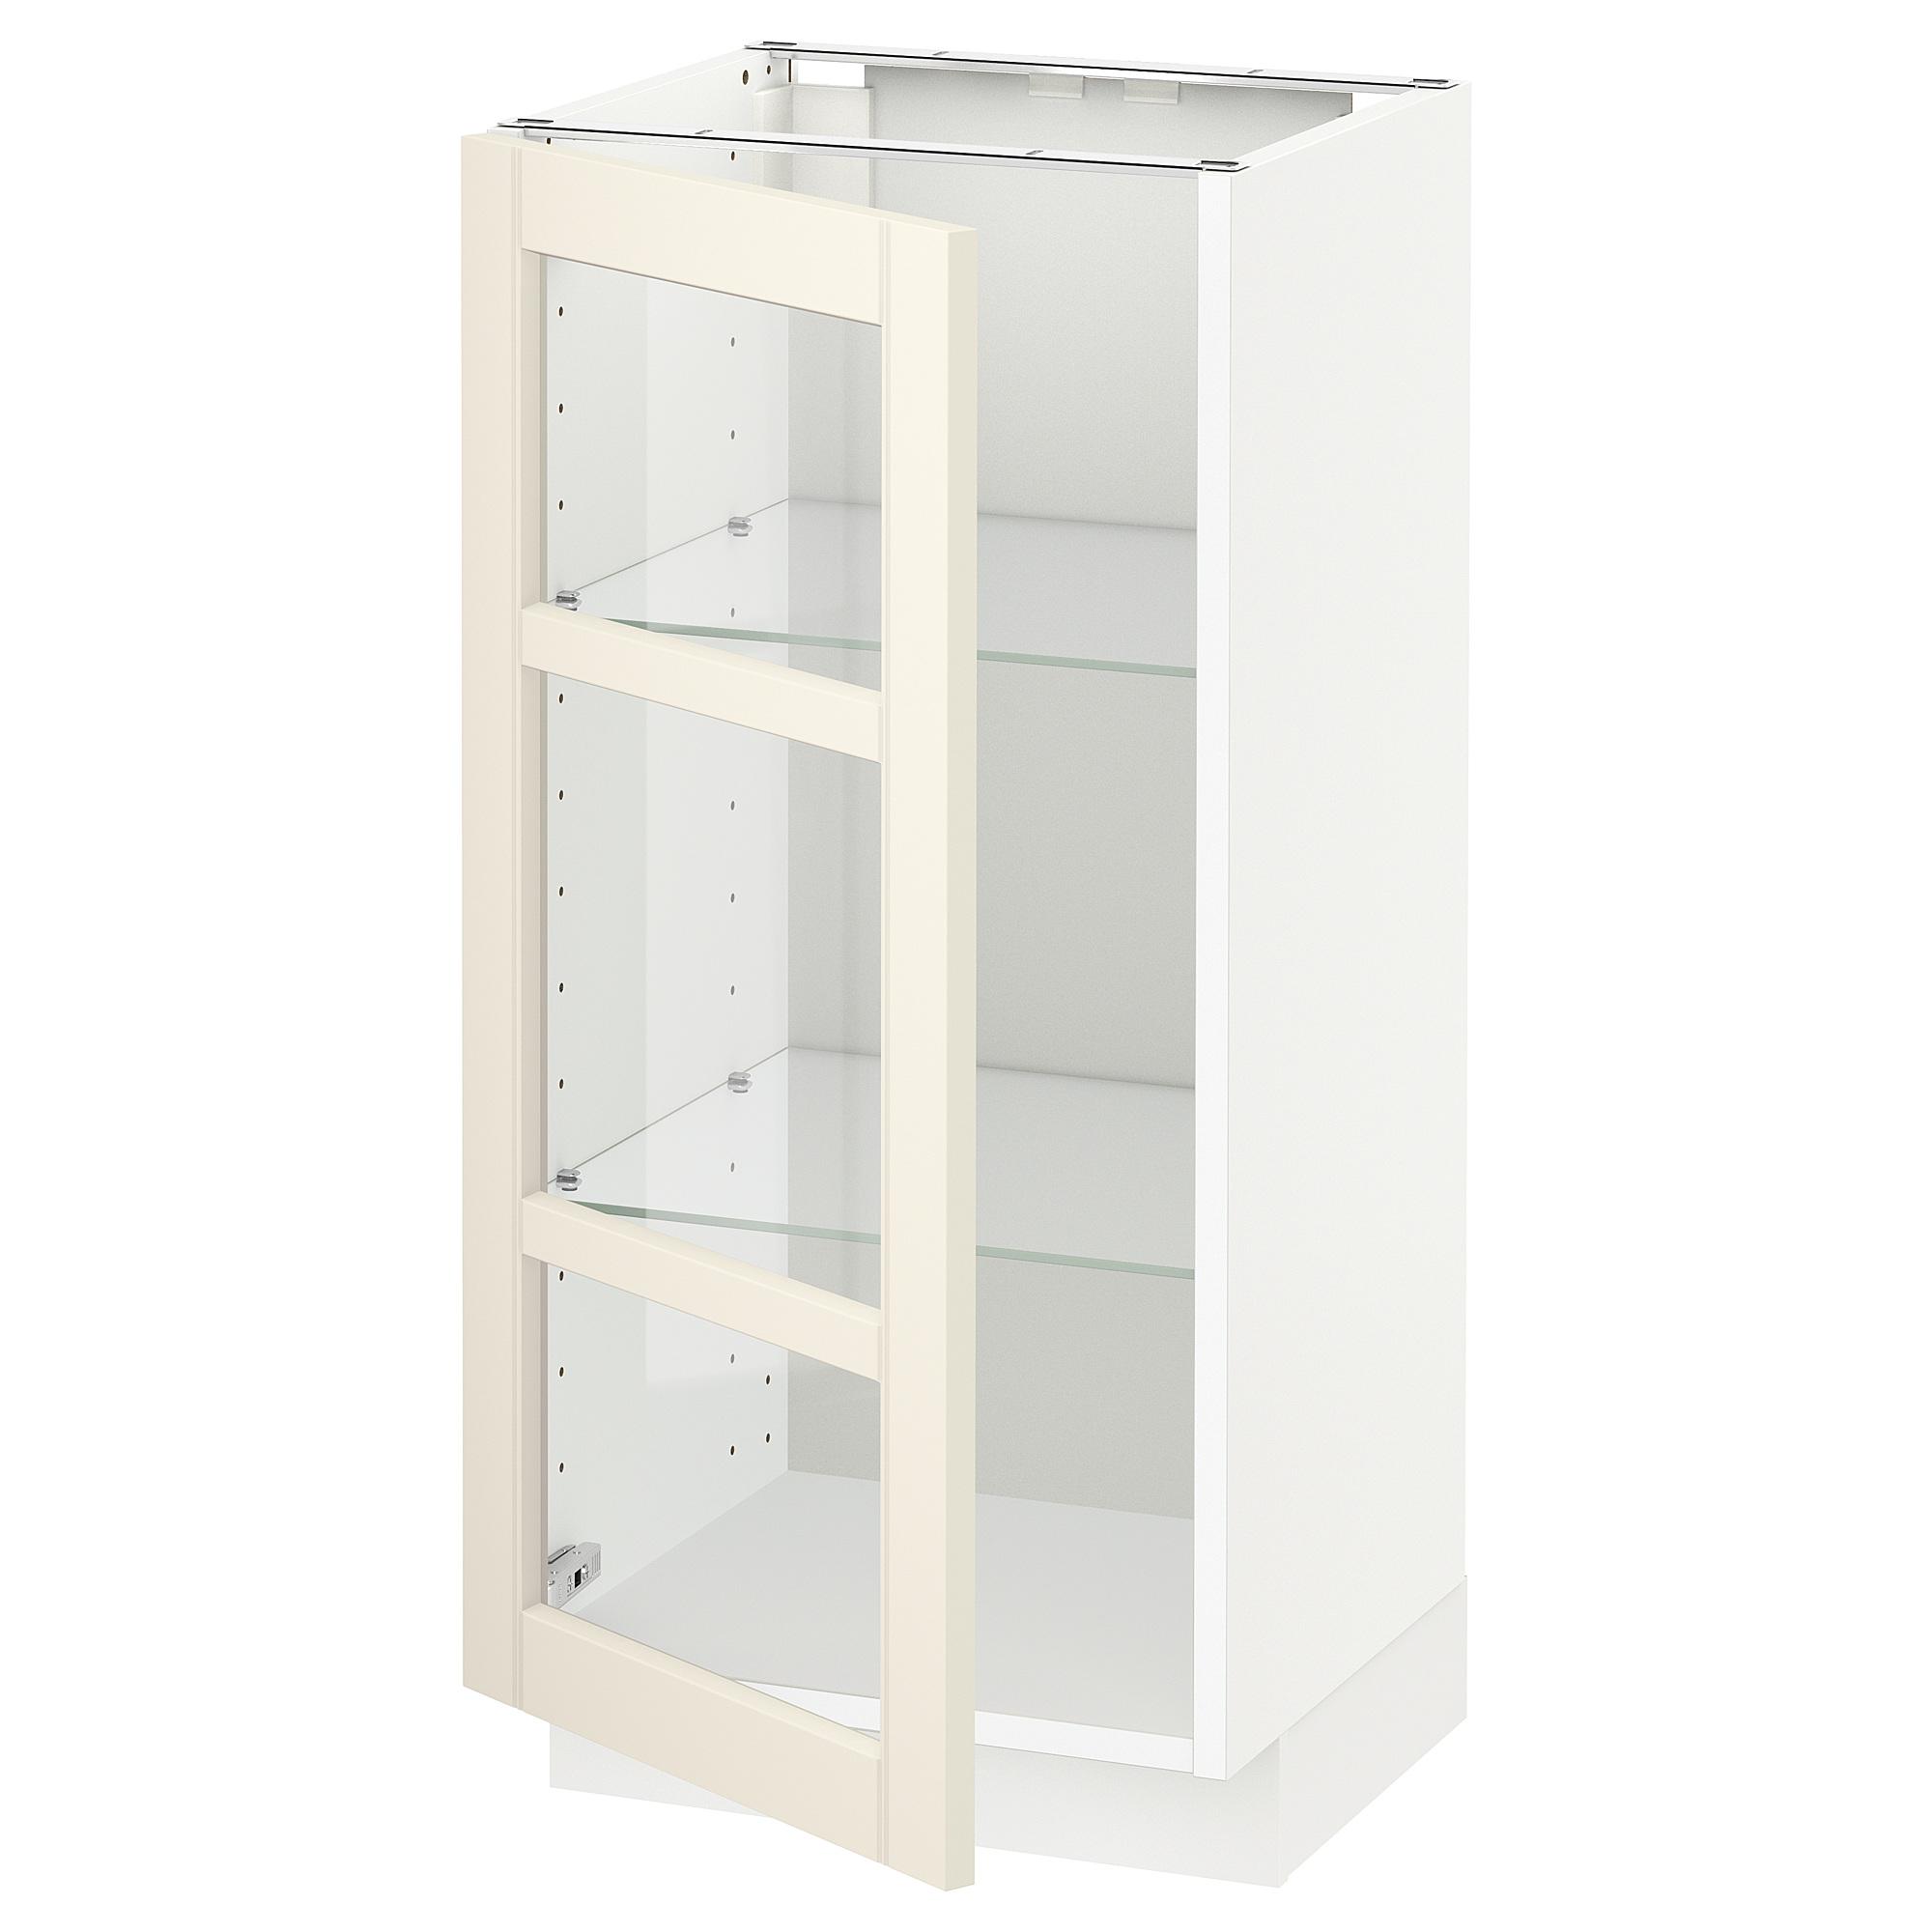 Напольный шкаф со стеклянной дверцей МЕТОД белый артикуль № 192.404.39 в наличии. Интернет магазин IKEA Минск. Быстрая доставка и соборка.